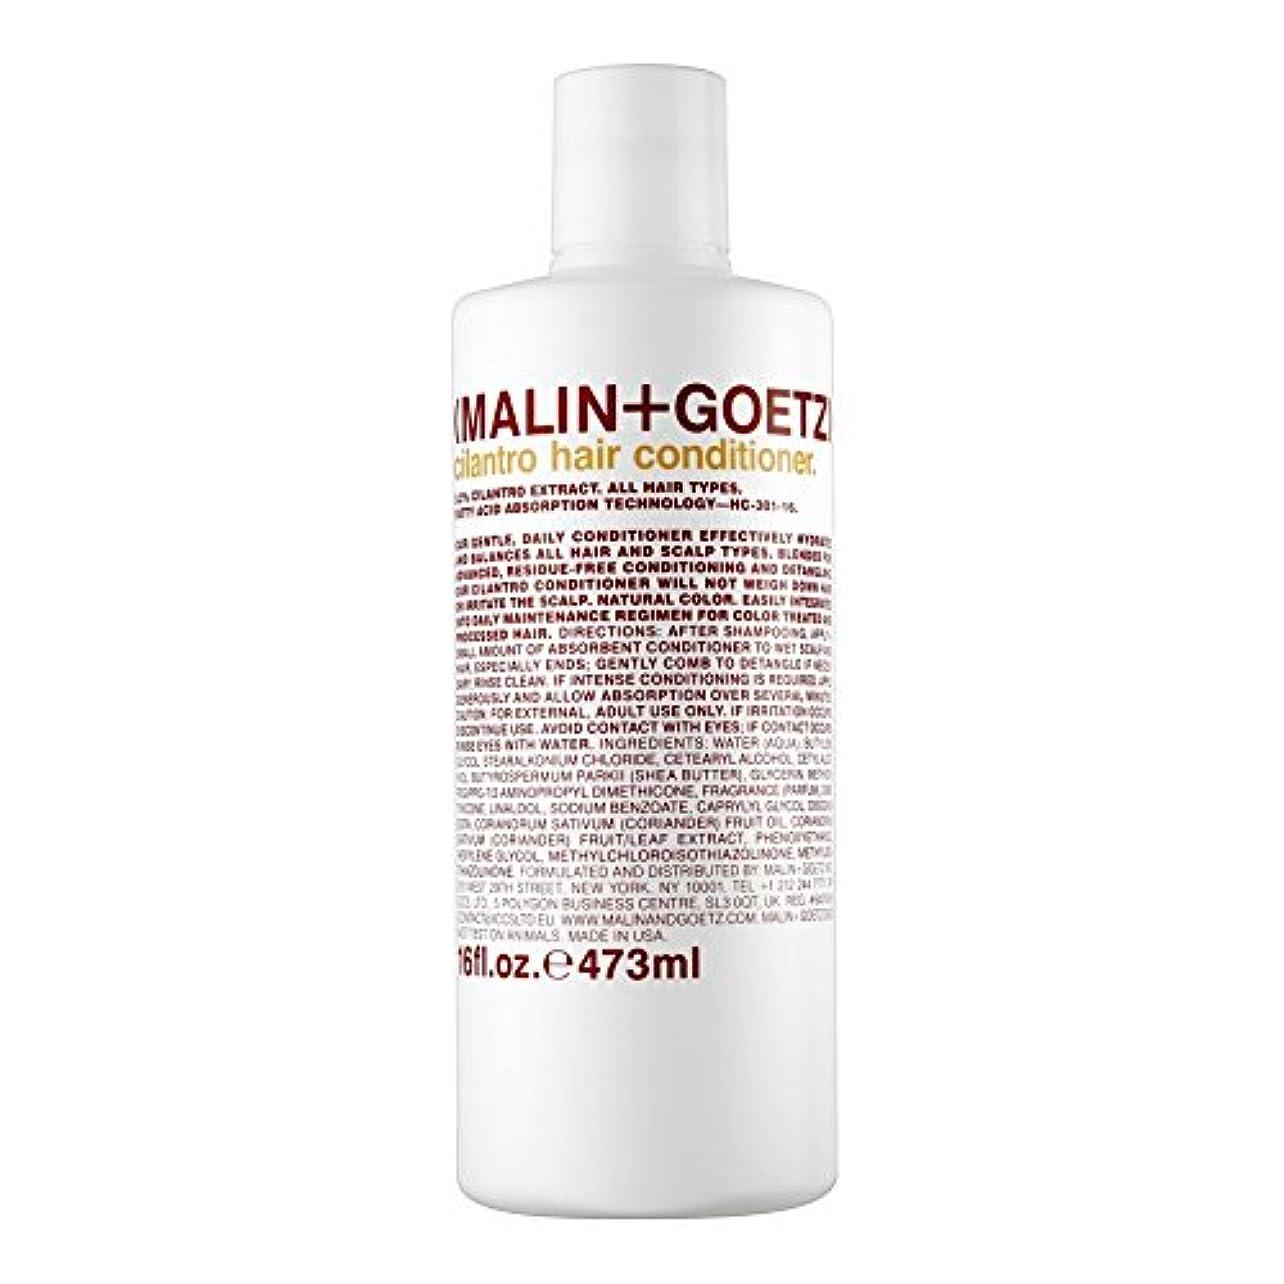 テメリティタック怖がらせるマリン+ゲッツコリアンダーのヘアコンディショナー473ミリリットル x2 - MALIN+GOETZ Cilantro Hair Conditioner 473ml (Pack of 2) [並行輸入品]